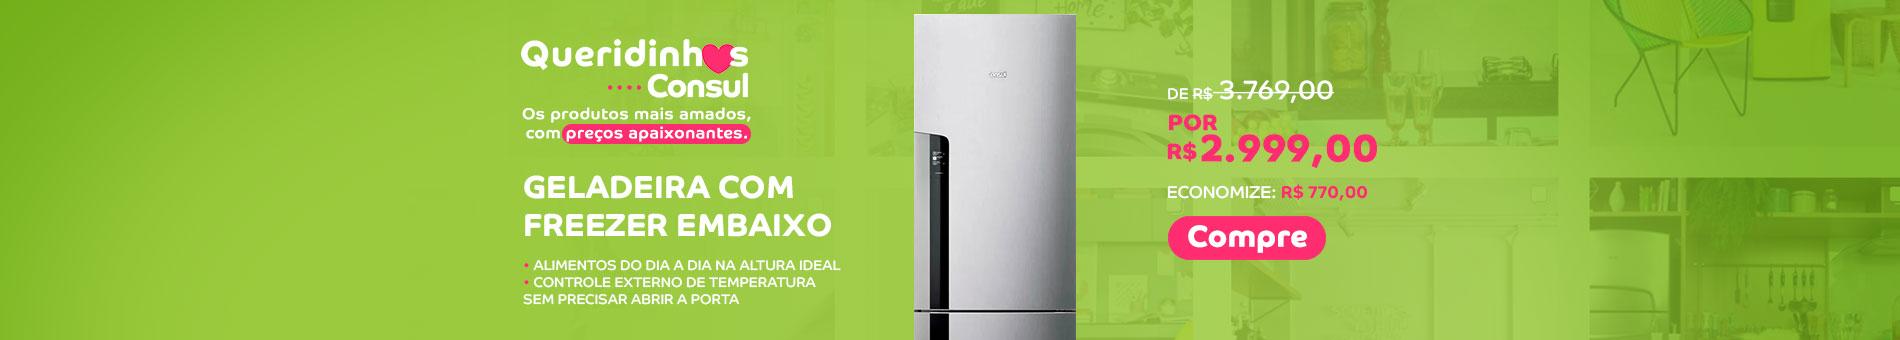 Promoção Interna - 4180 - queridinhos_CRE44AK-preco_19102020_home3 - CRE44AK-preco - 3